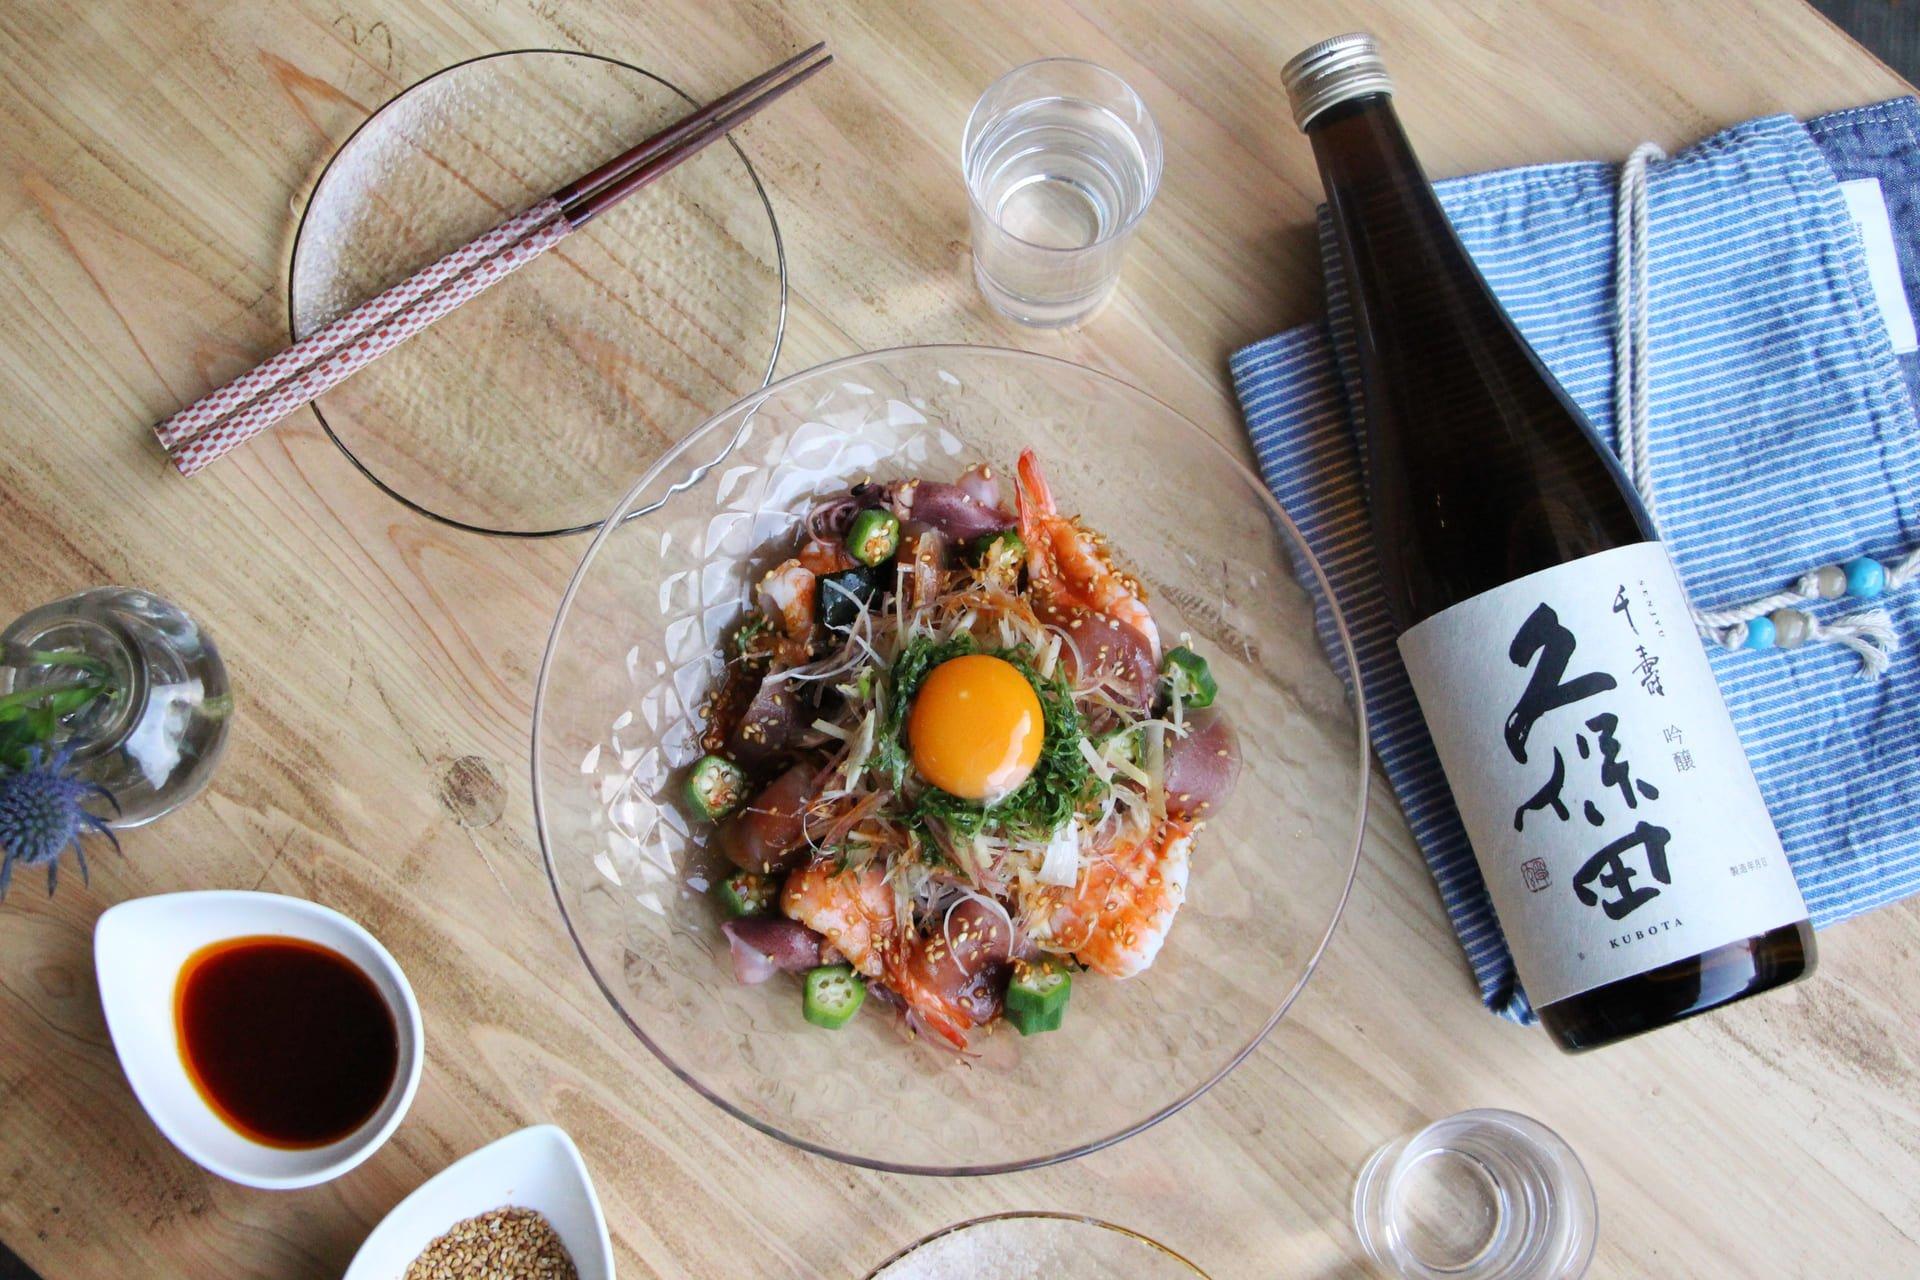 日本酒をもっと楽しむおつまみレシピ|三種薬味の海鮮サラダ